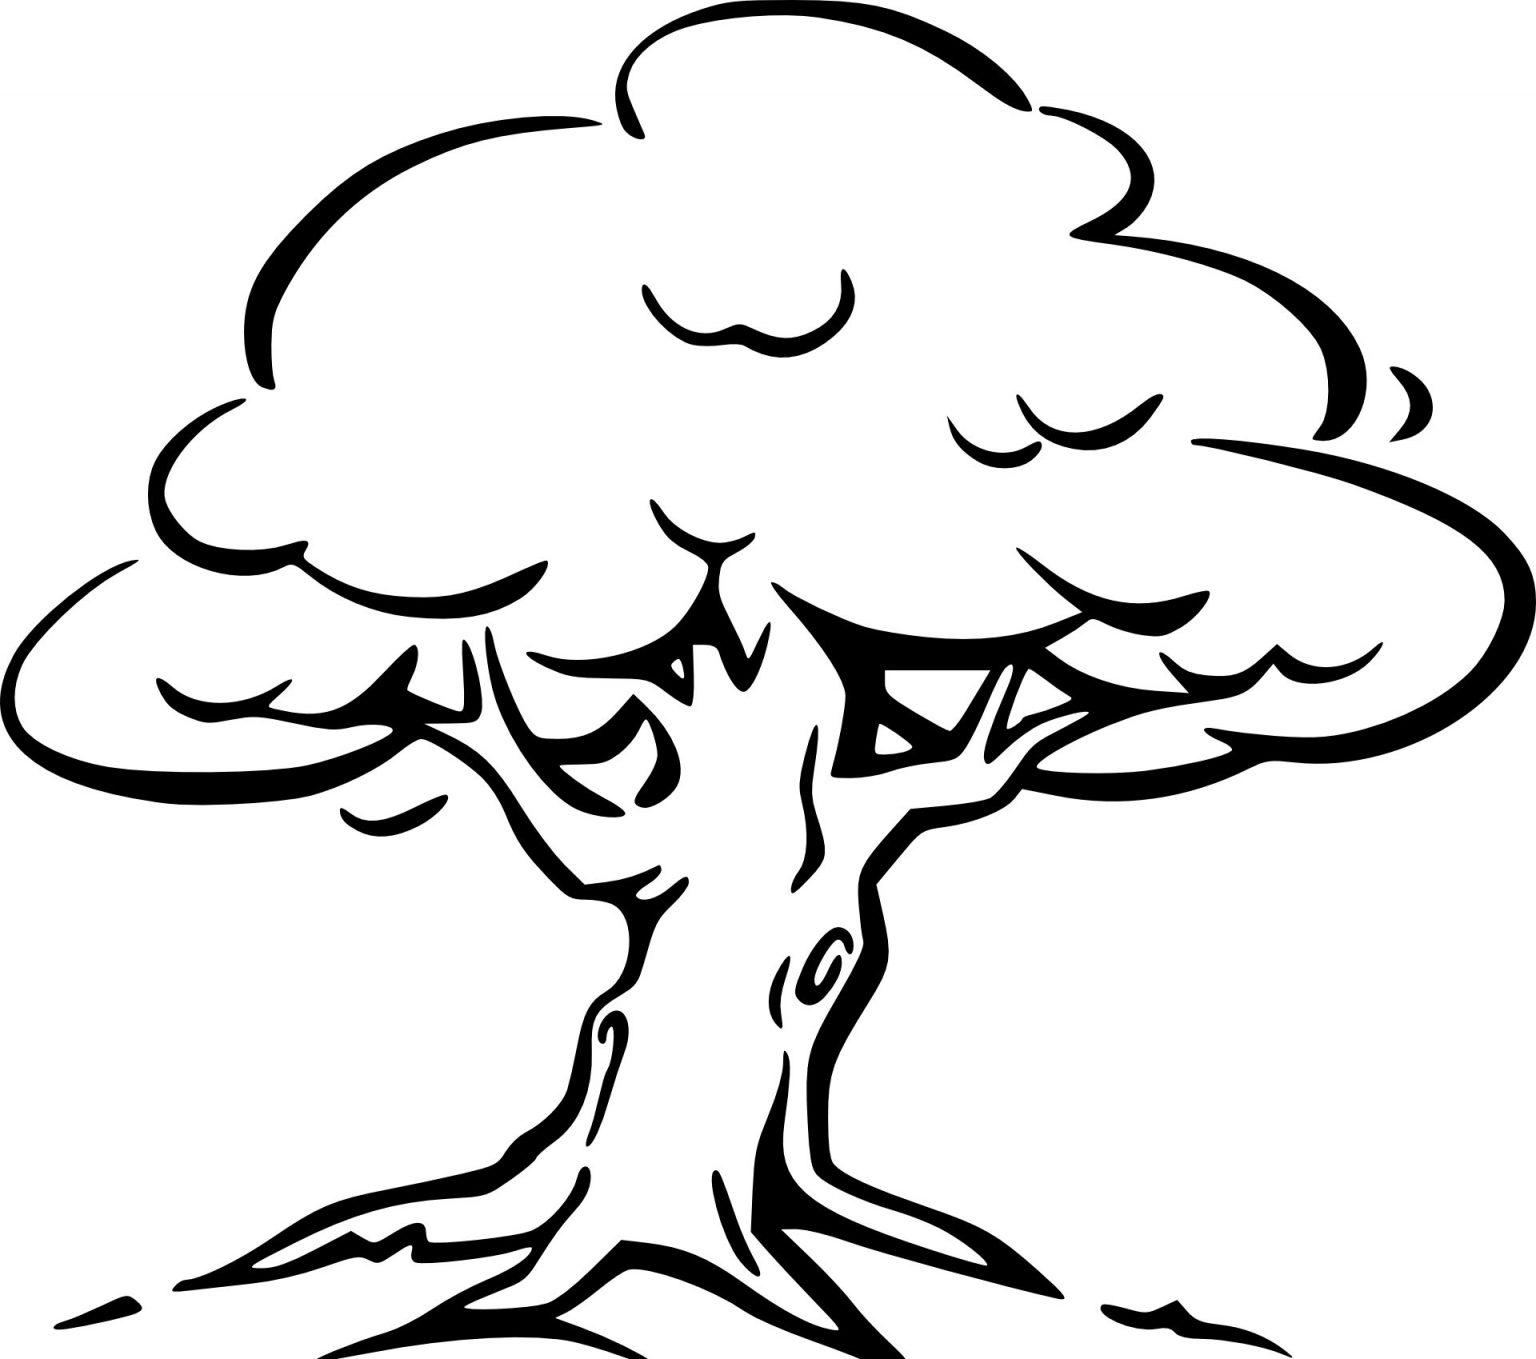 Malvorlage Baum Mit Ästen - kinderbilderdownload